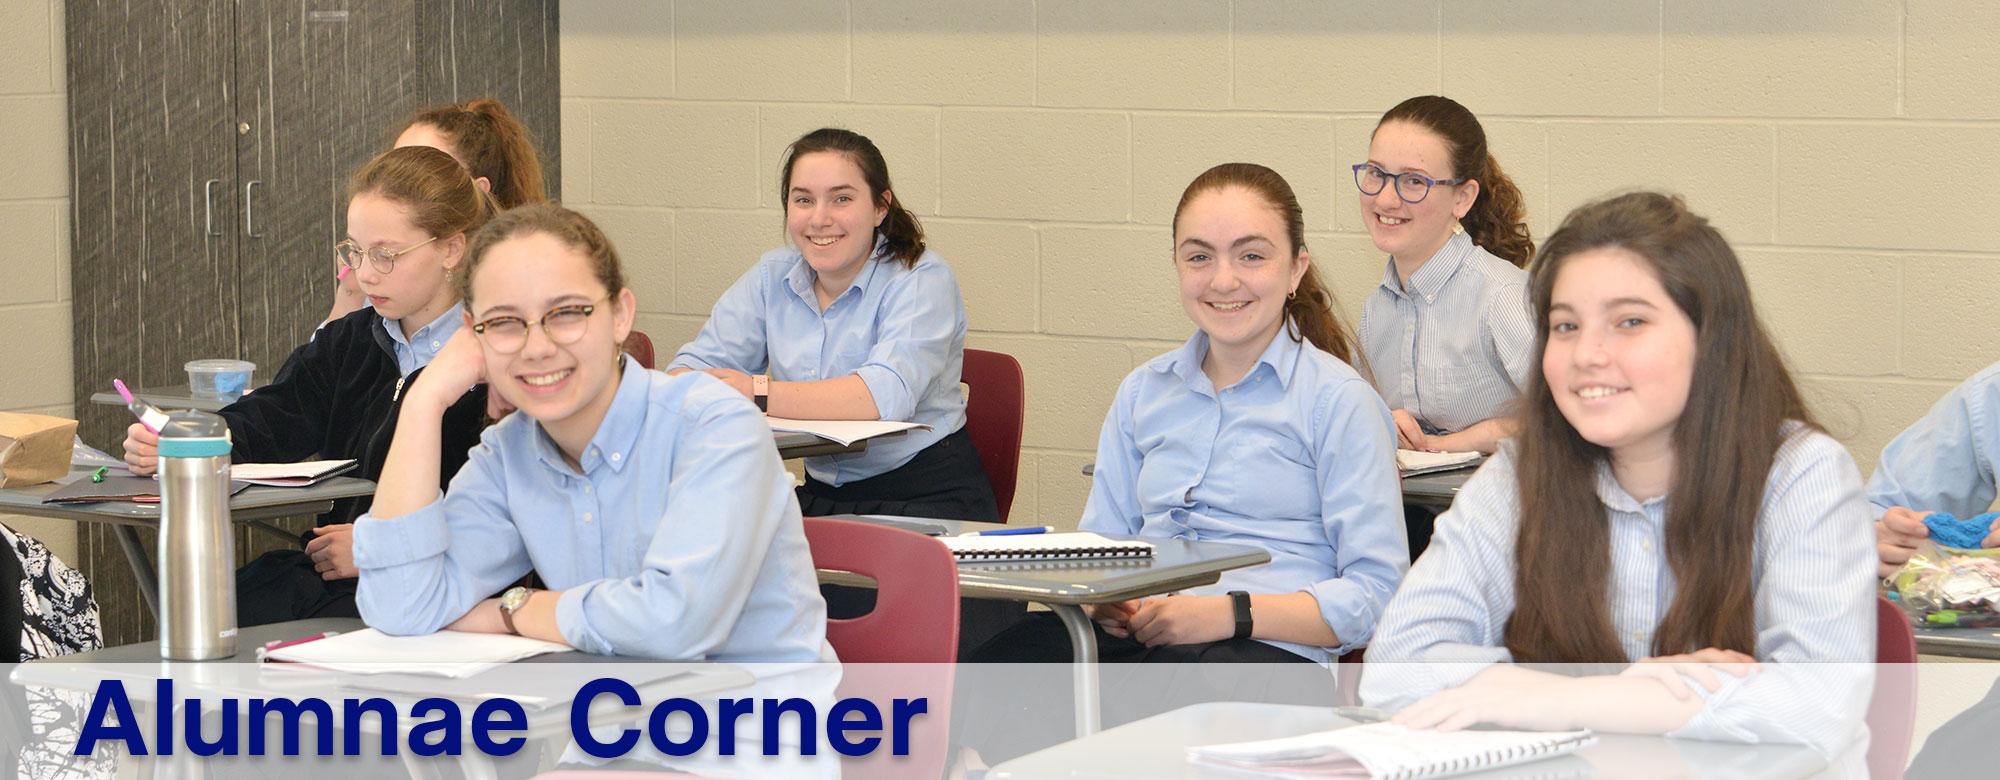 alumnae_corner